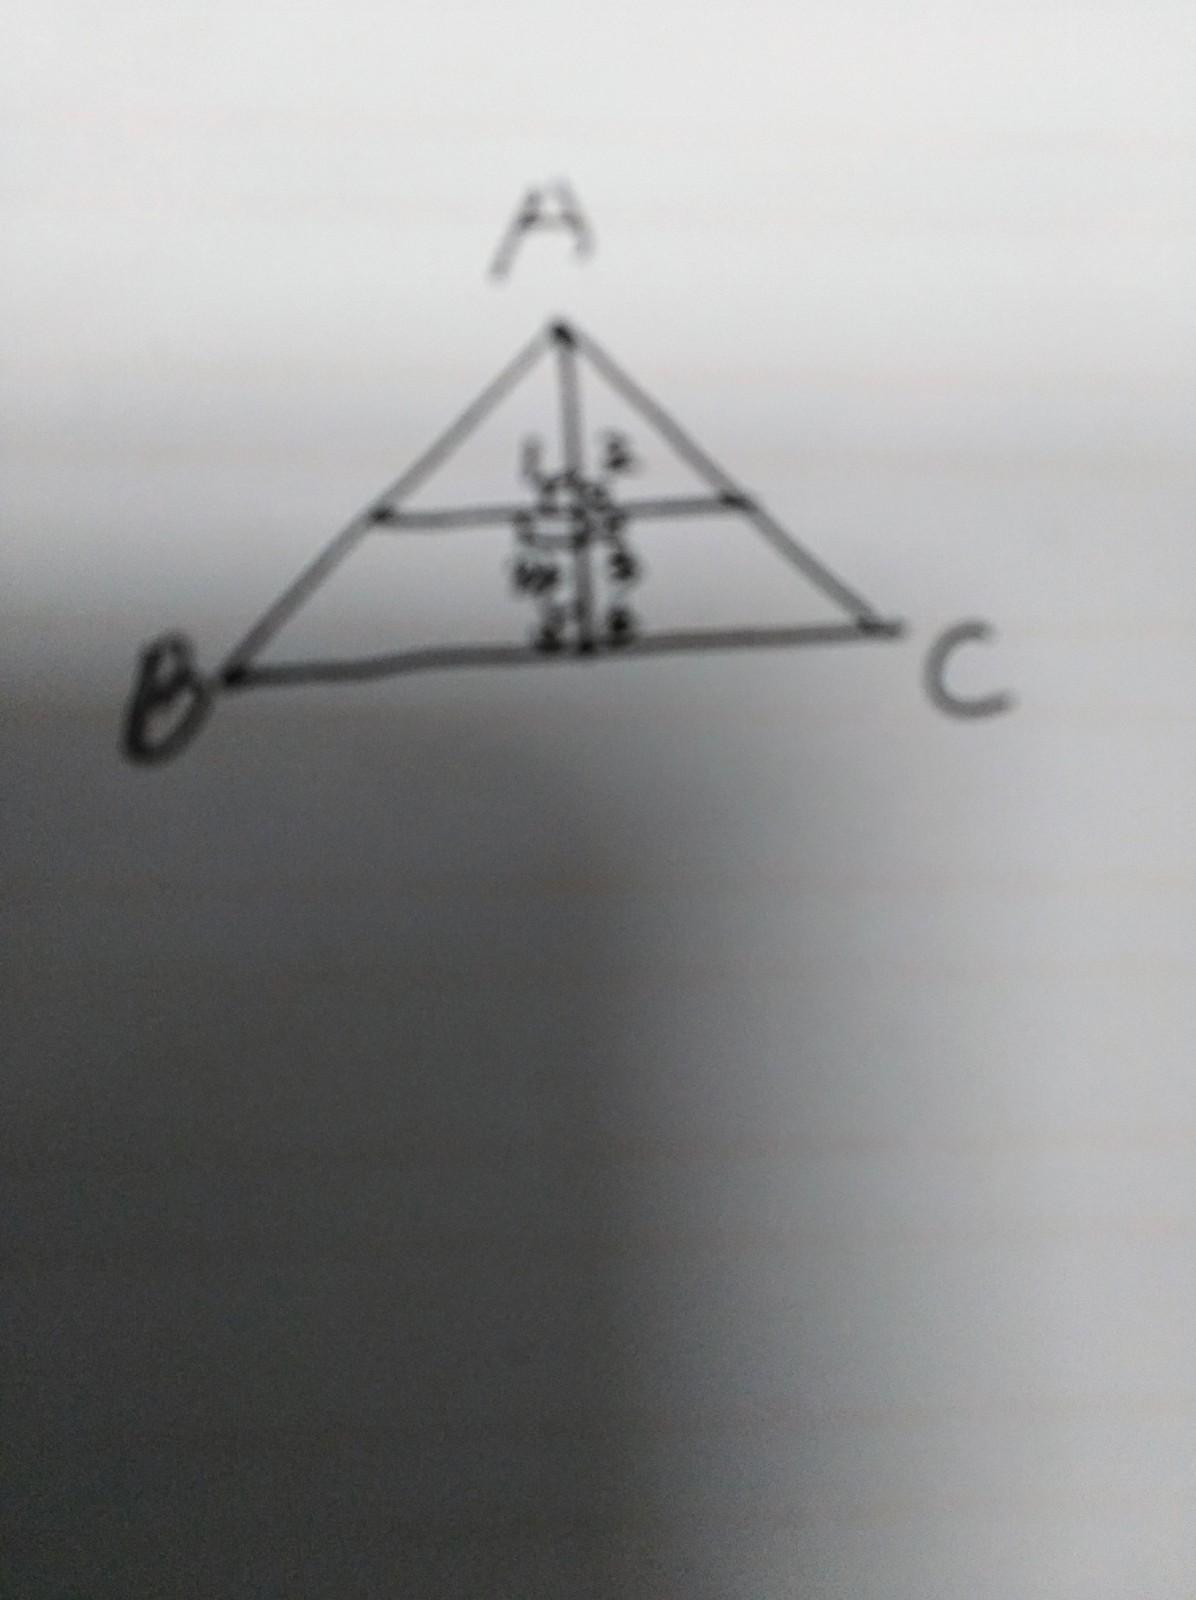 三角形怎么画有6个直角